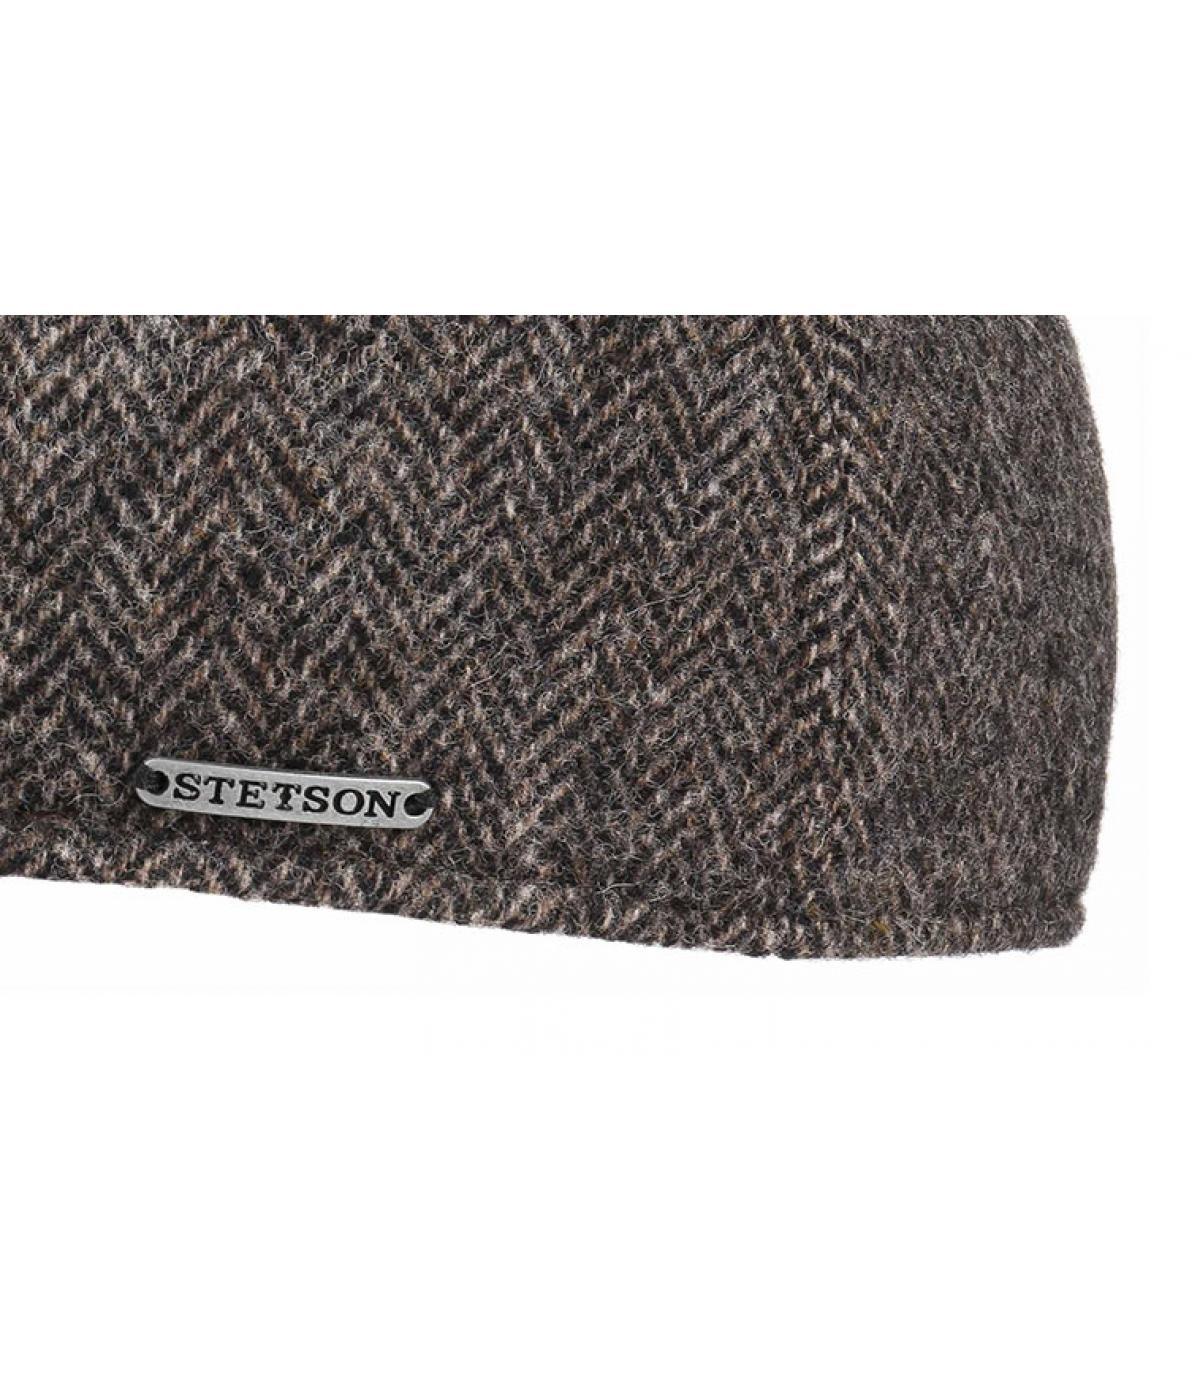 Détails Texas Woolrich Herringbone grey - image 3